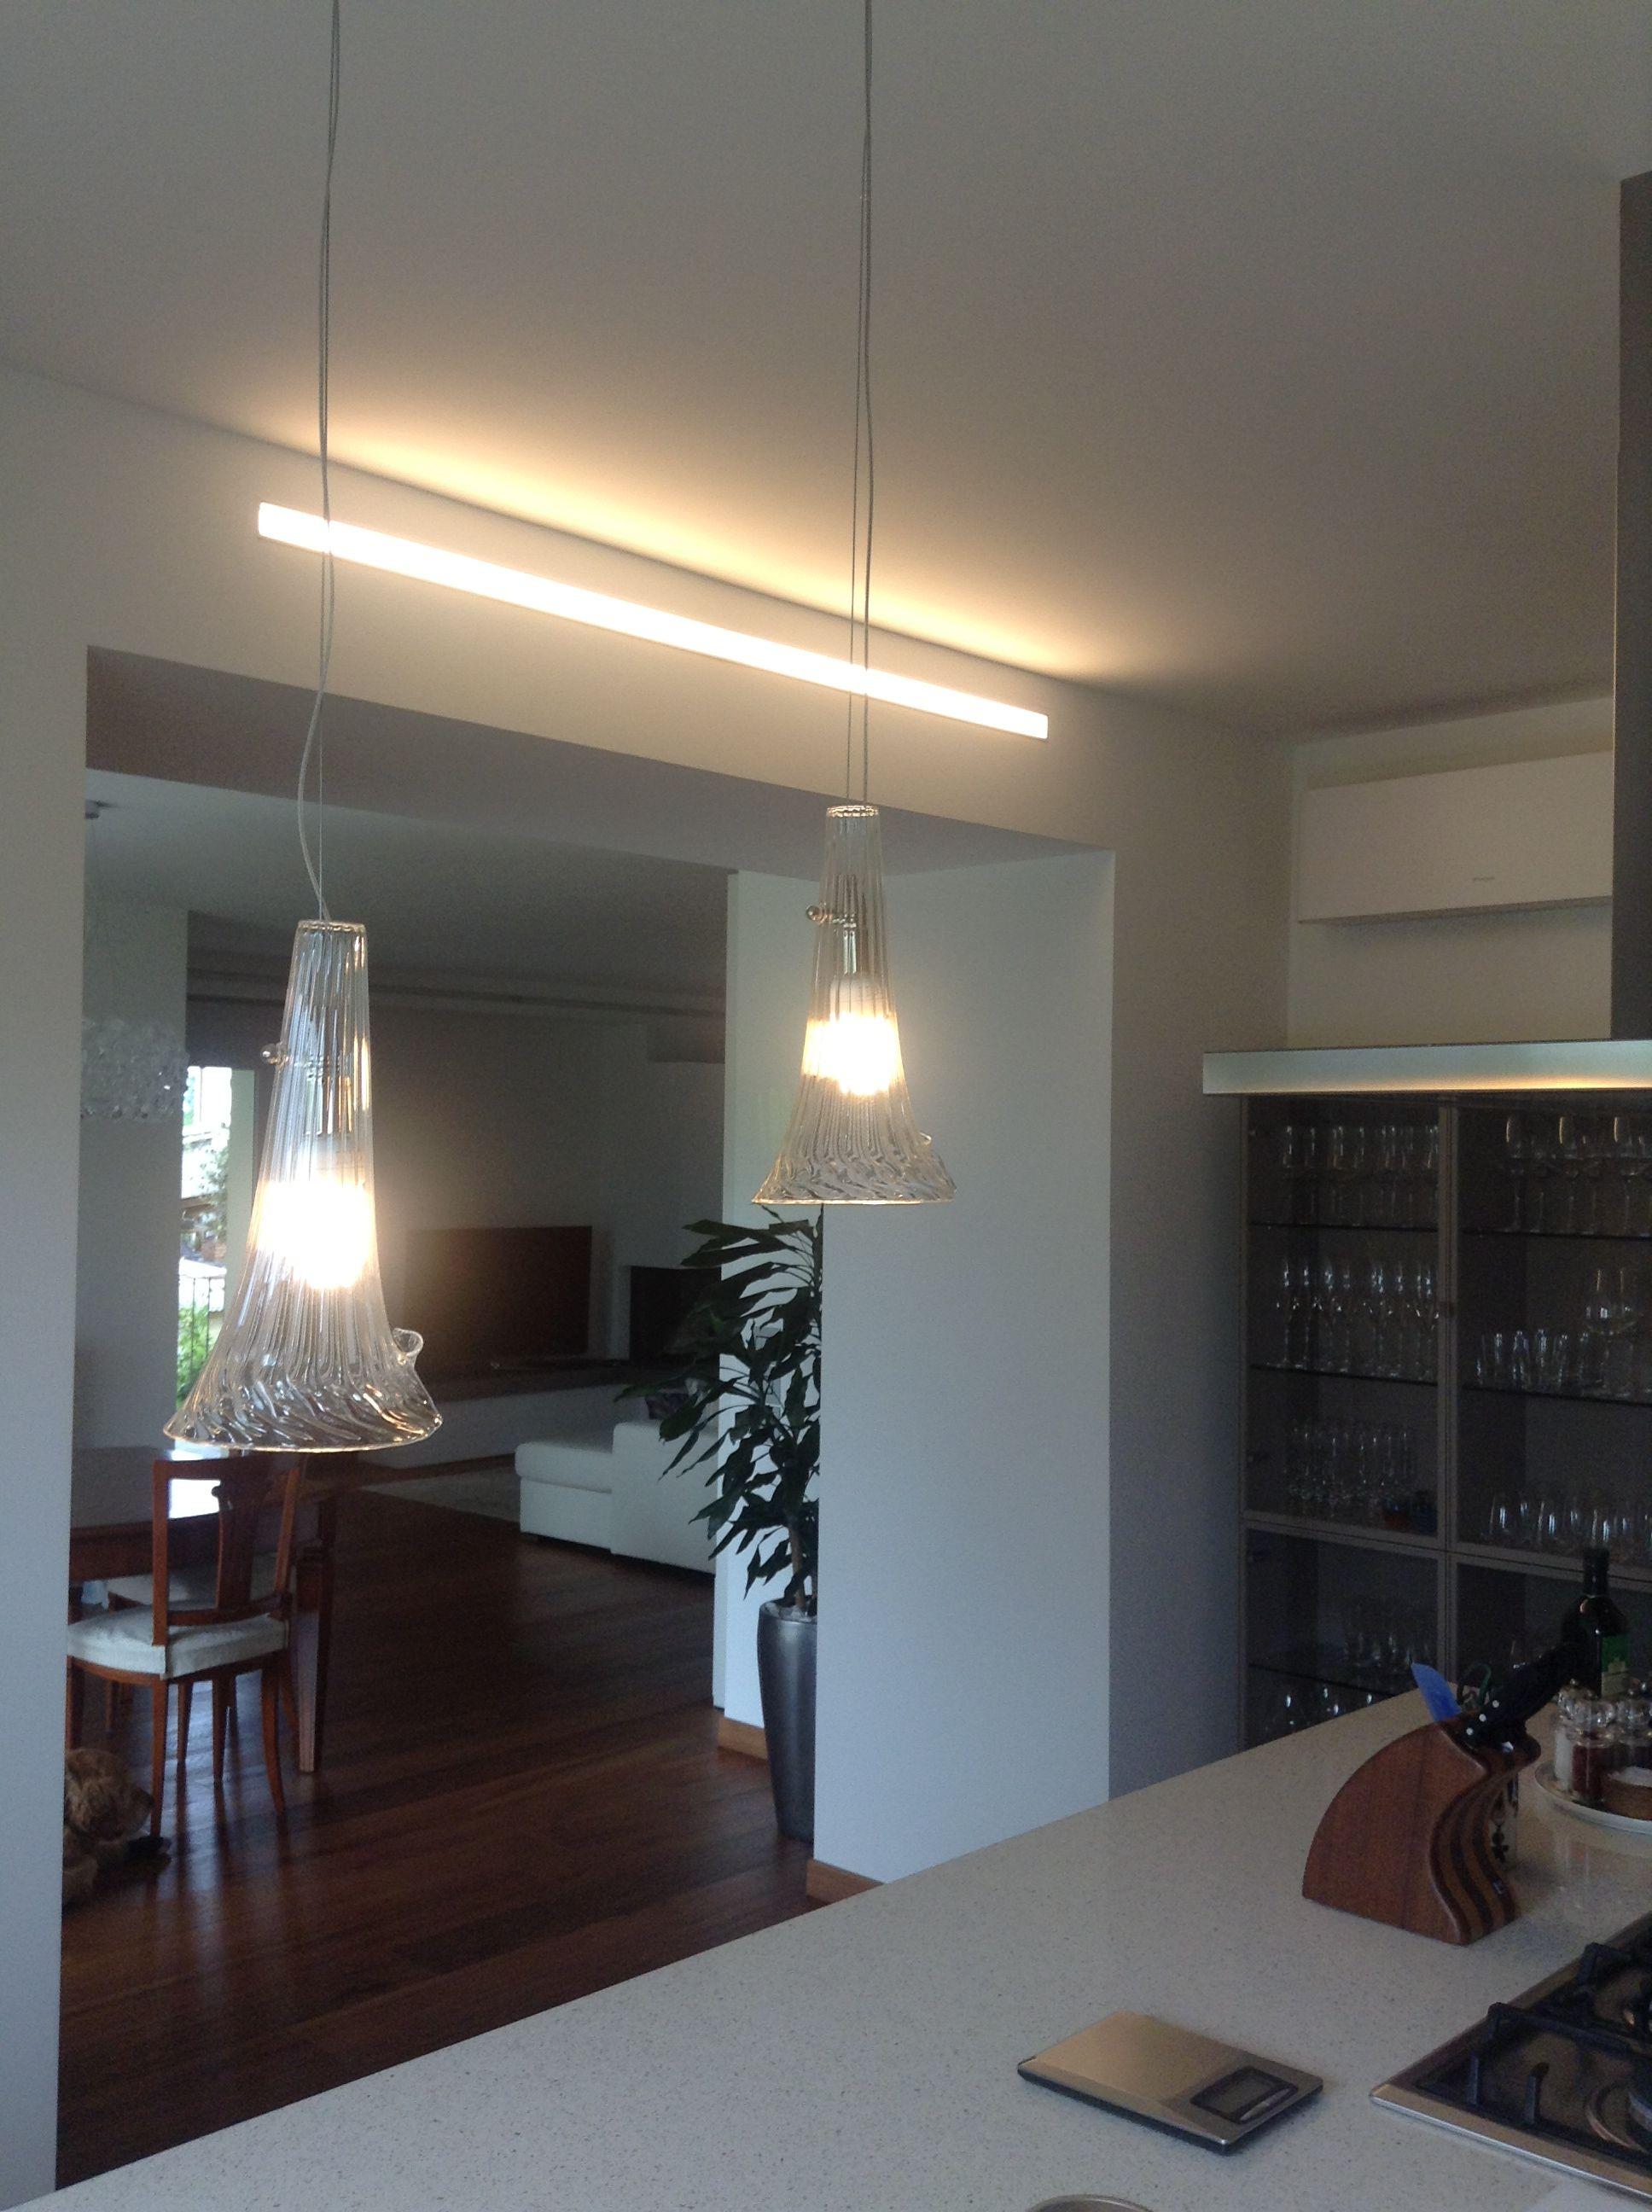 Abitazione privata #illuminazione #cucina #tagli #luce #LED ...